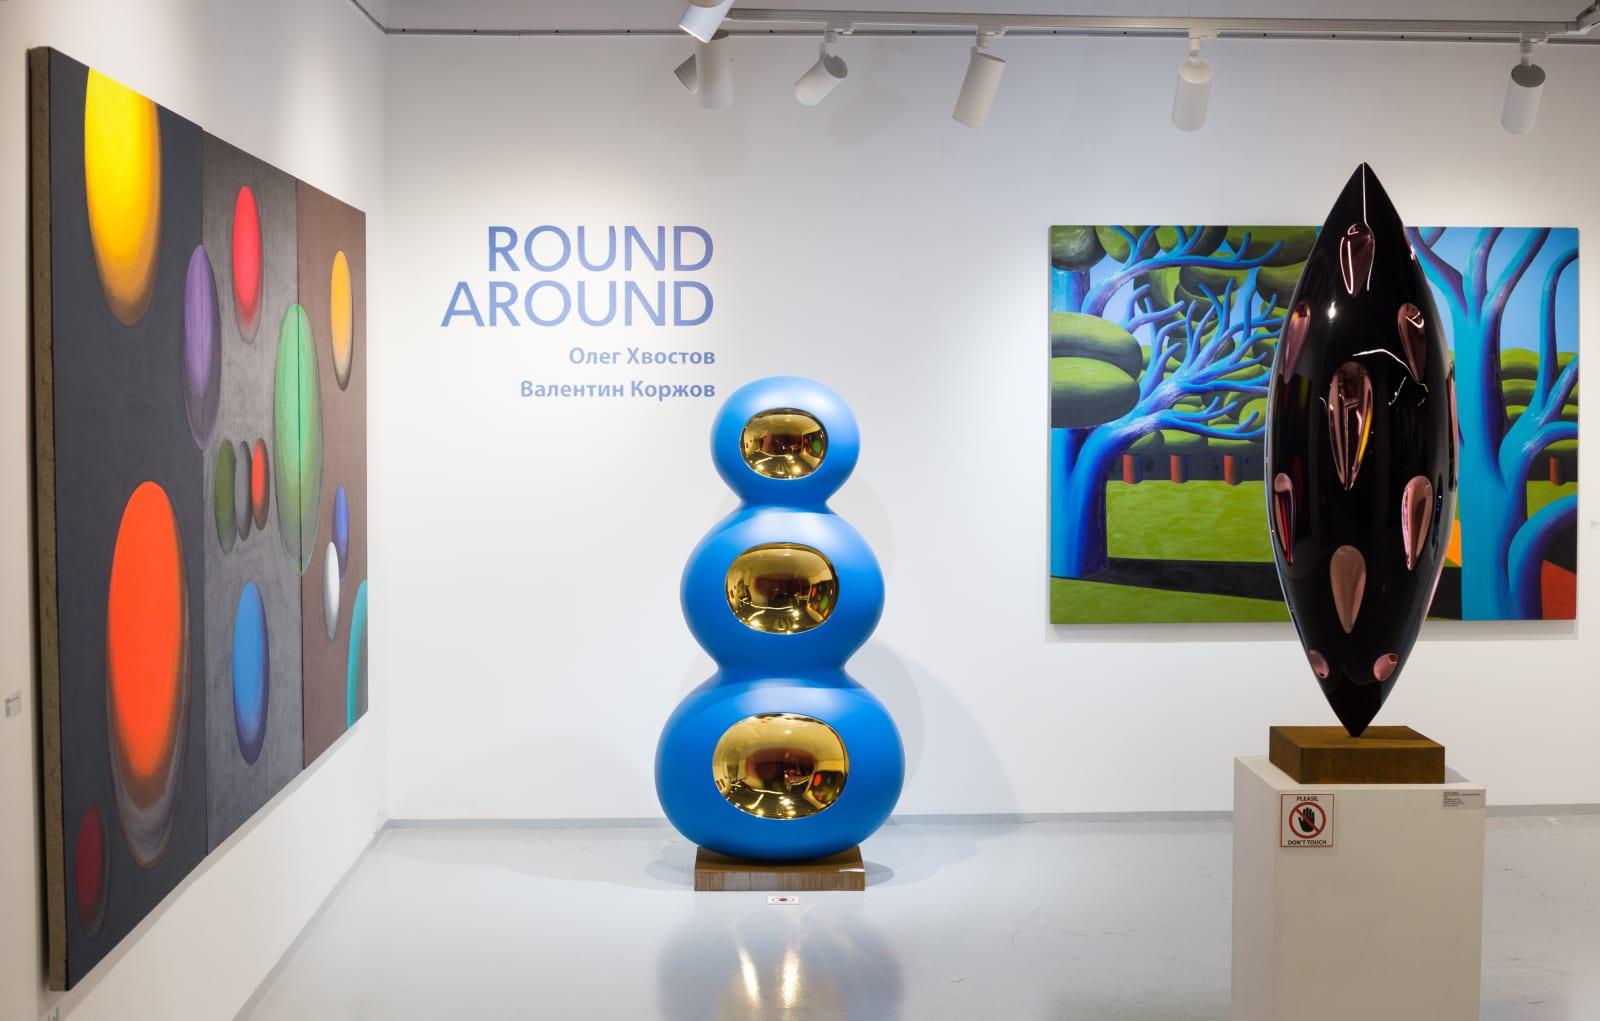 ROUND AROUND